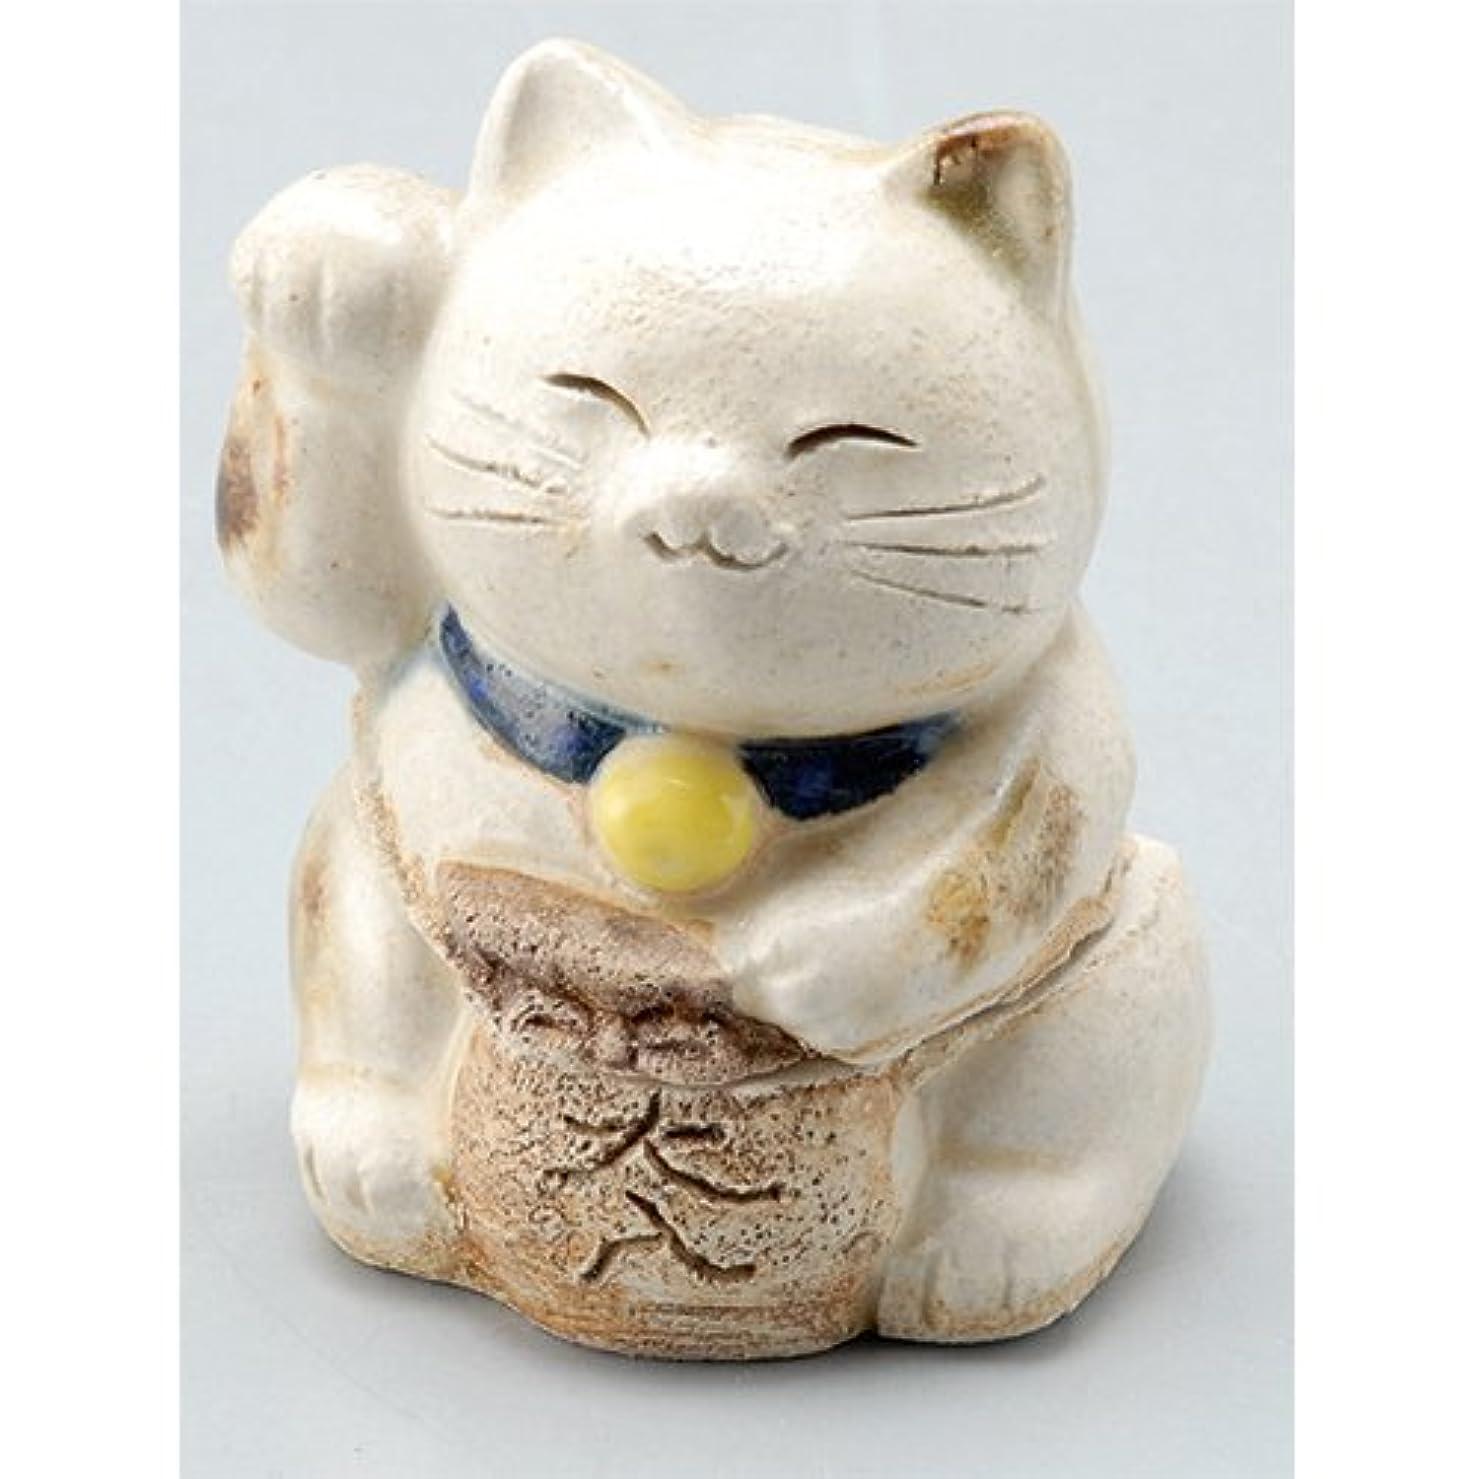 髄メカニック縁香炉 飾り香炉(招き猫) [H7cm] HANDMADE プレゼント ギフト 和食器 かわいい インテリア